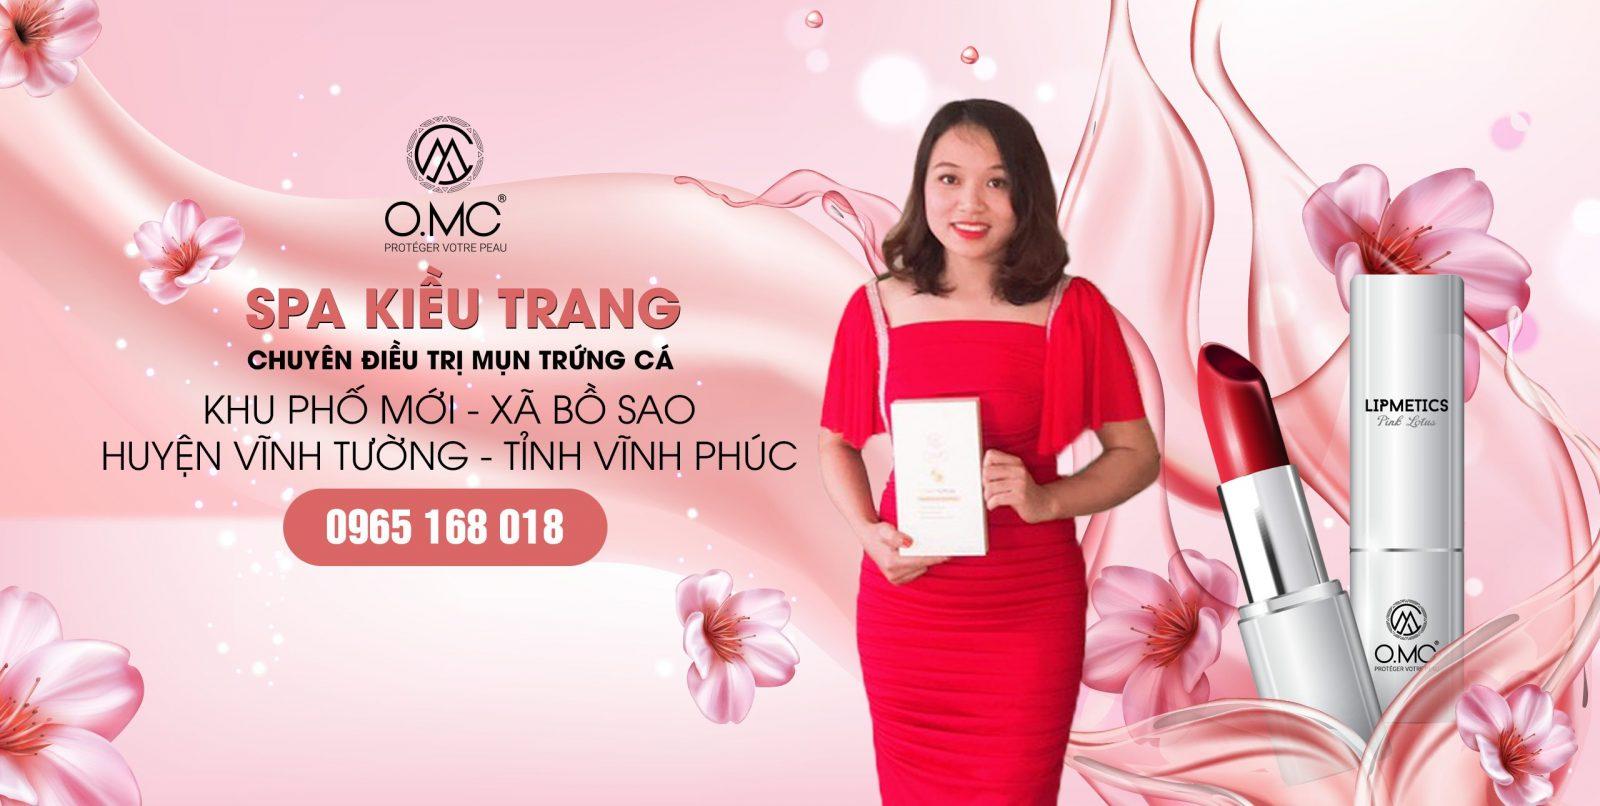 Kiều Trang Spa: Trung tâm chăm sóc da chuẩn Y khoa